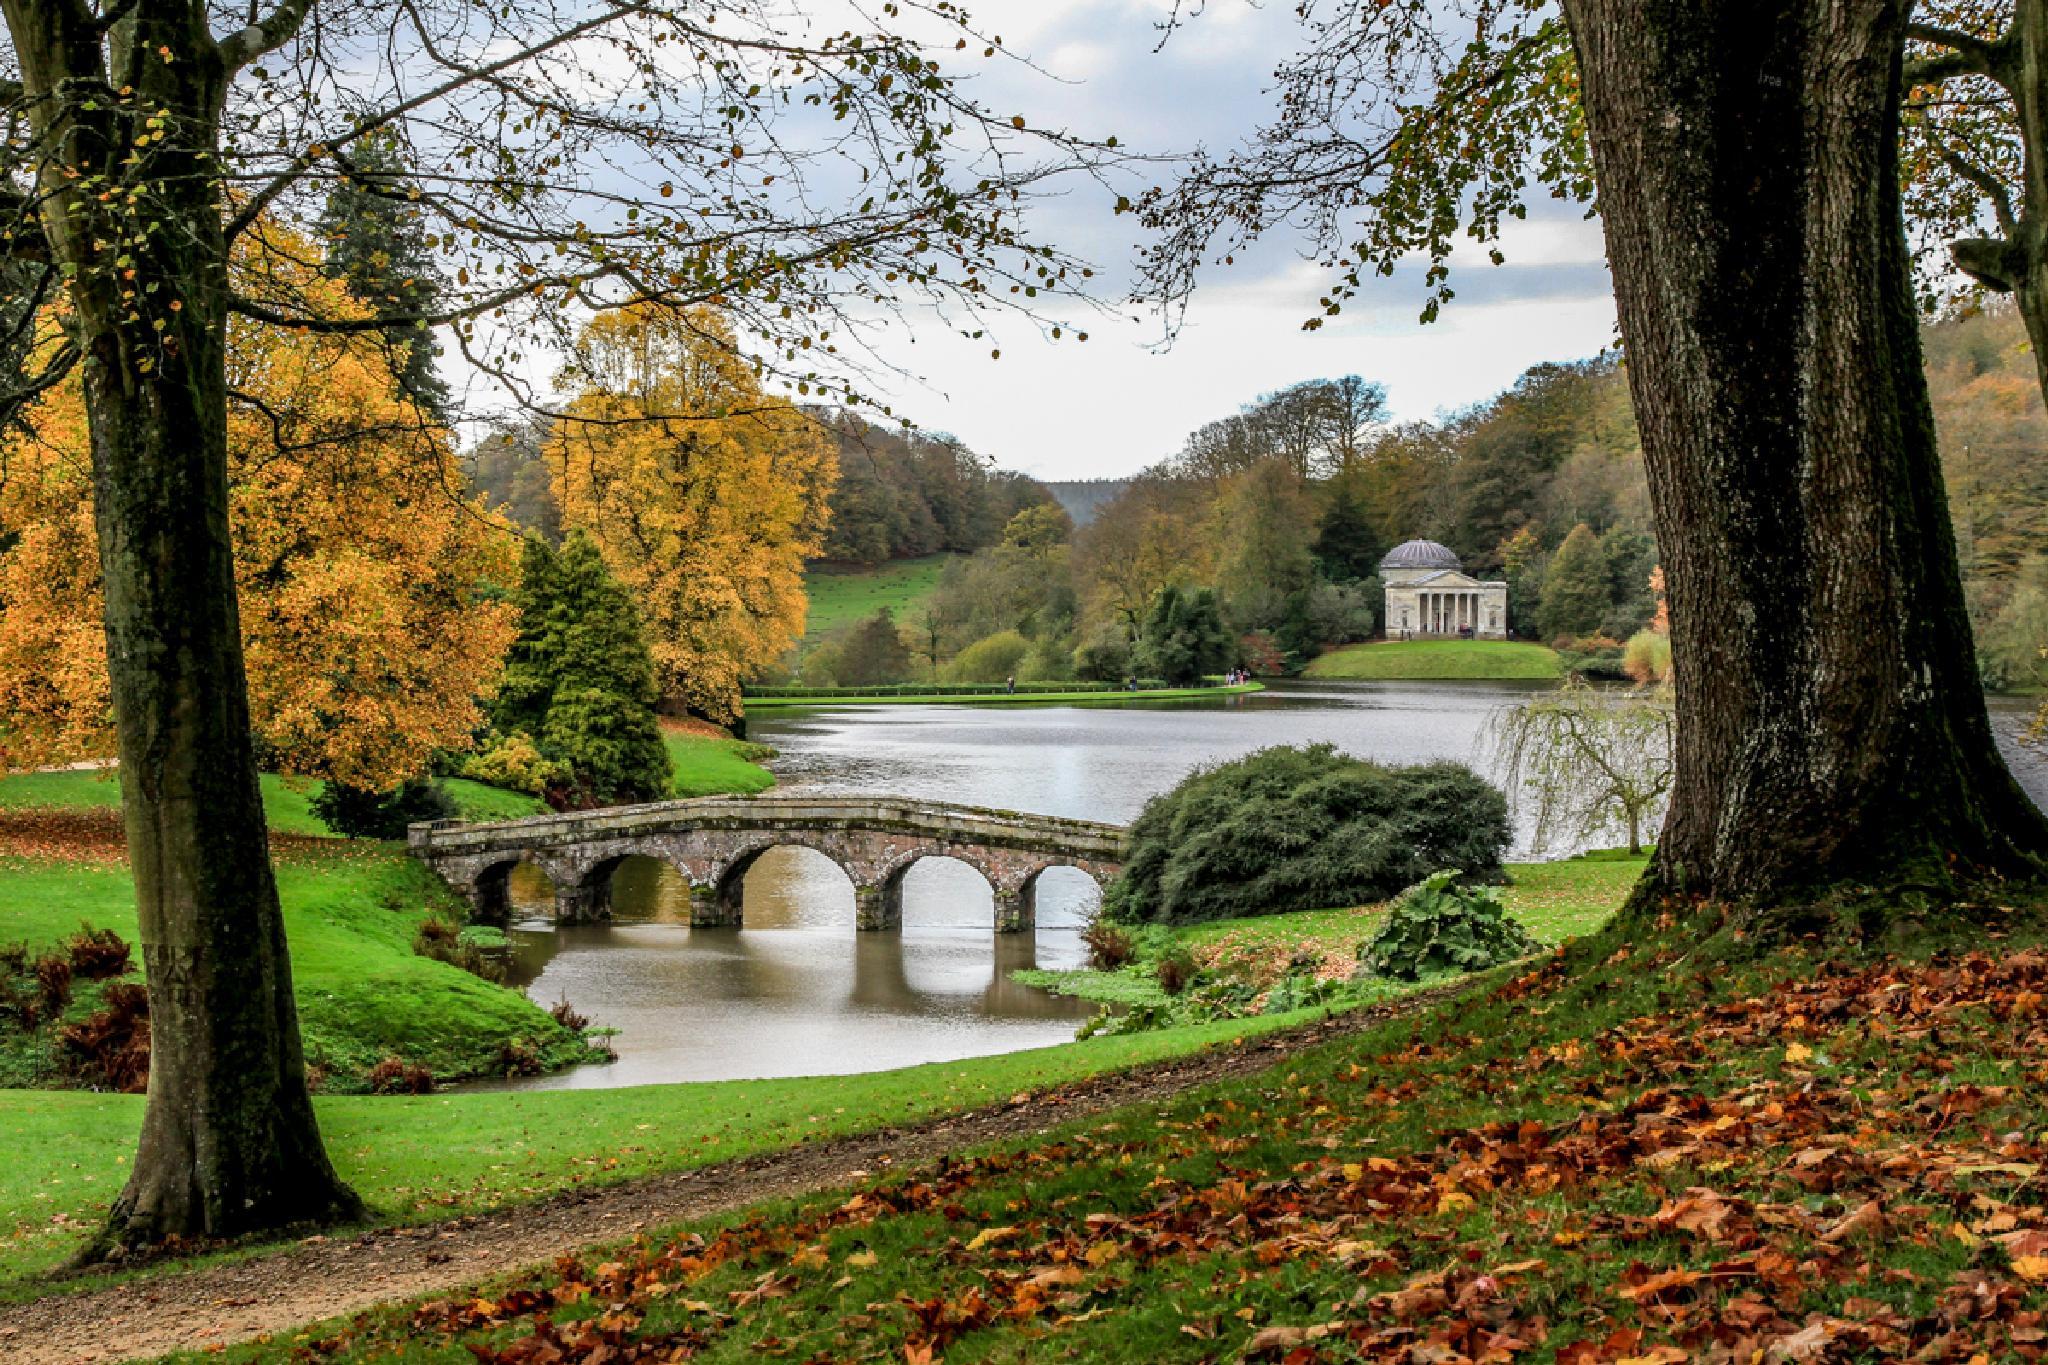 Stourhead gardens Wiltshire UK by MarkBriscoe